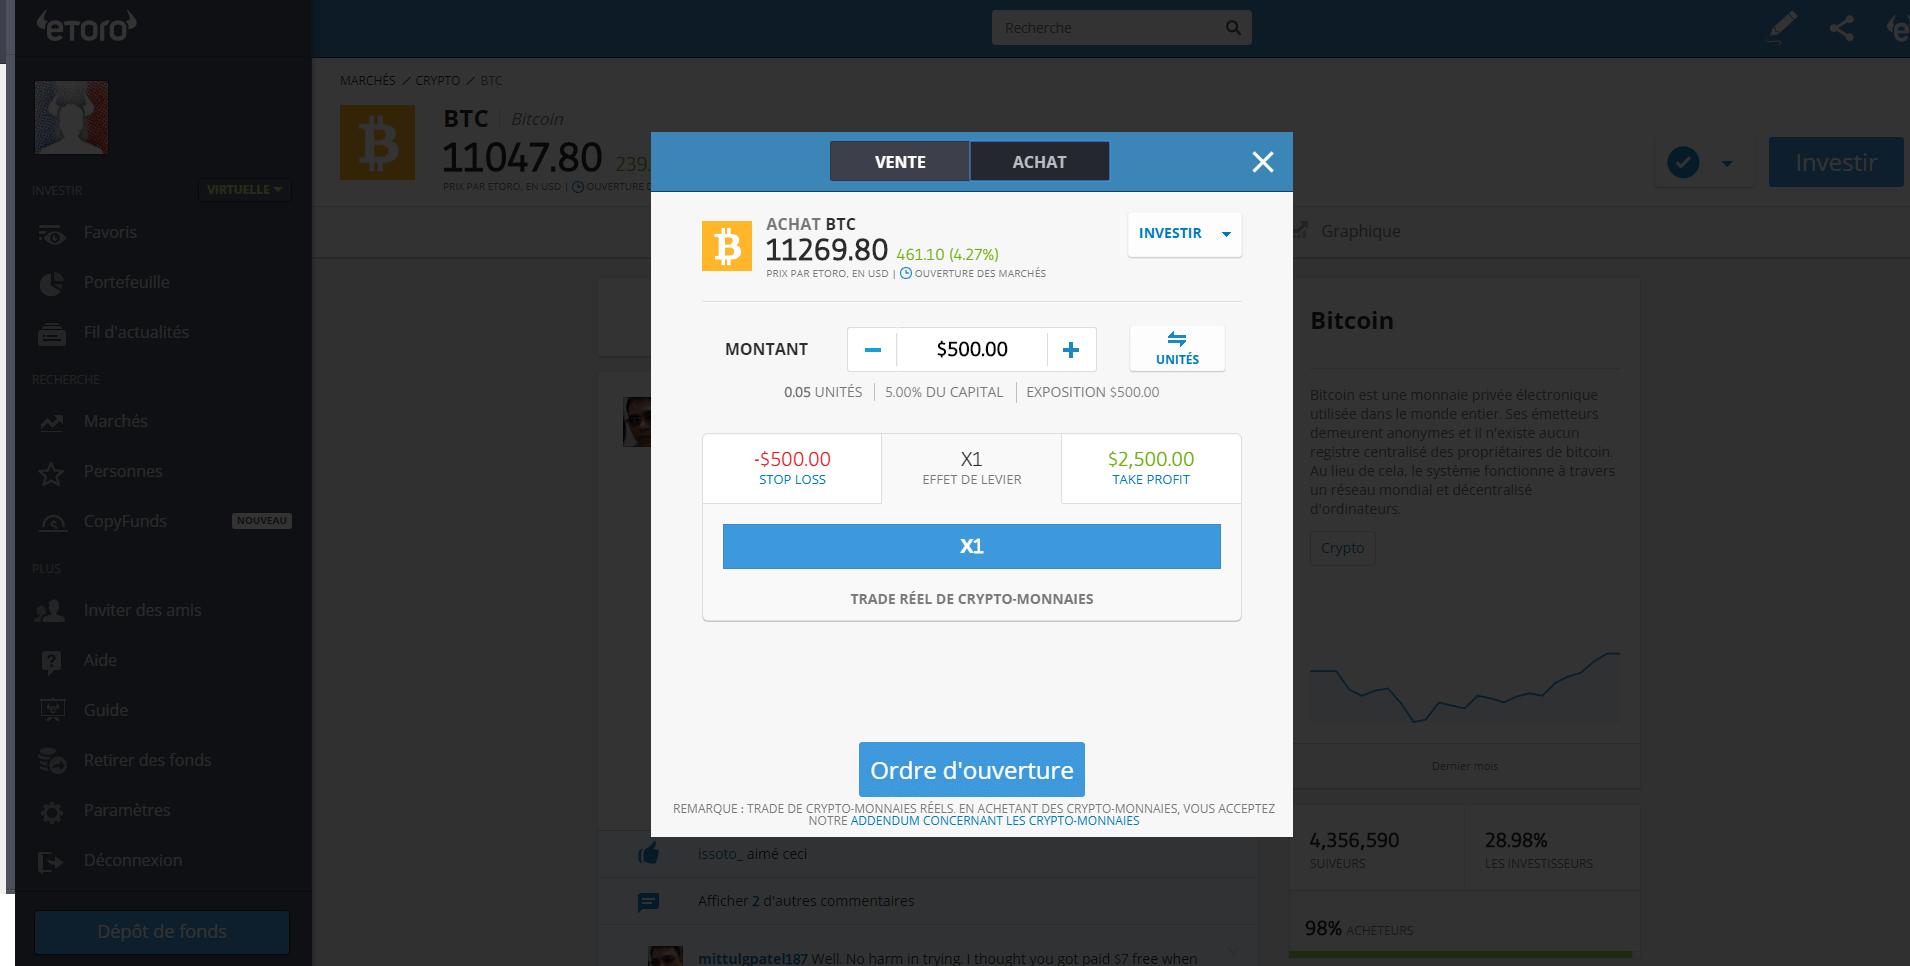 Etoro Ouverture Position Bitcoin